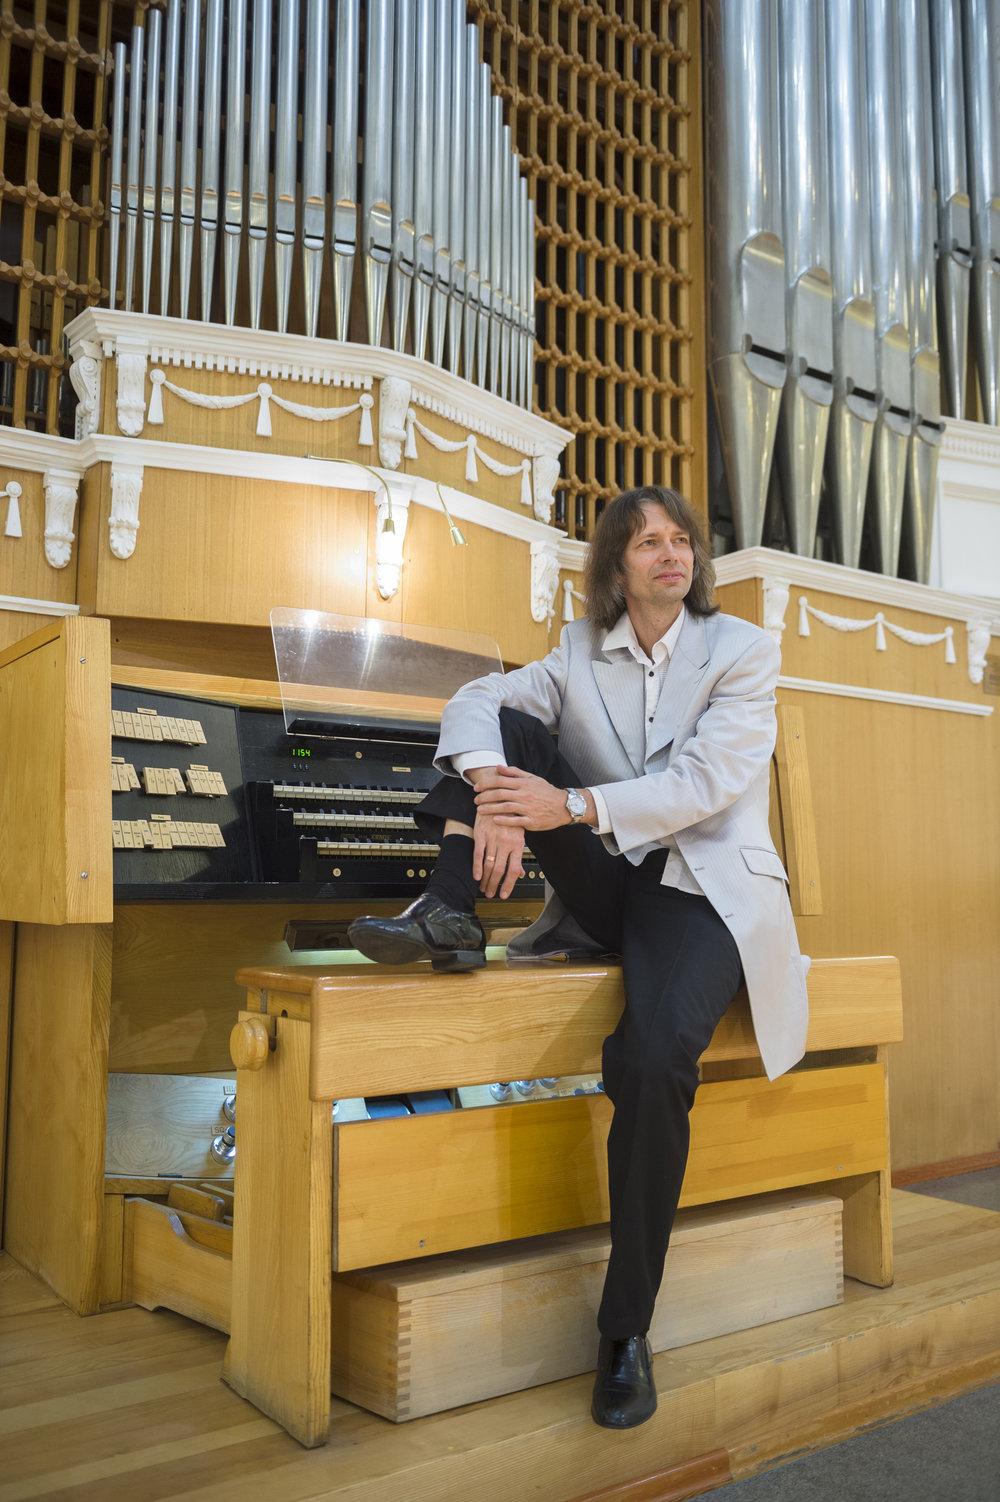 - Aare-Paul Lattik er en estisk organist med fransk orgelrepertoar som hovedfelt. Han avla mastergrad ved Estlands musikk- og teaterakademi før han studerte med noen av Frankrikes fremste organister, som prof. Louis Robilliard ved Conservatoire de Lyon. Fra 2000 til 2008 var Lattik organist og kunstnerisk leder ved Svenska S:t Mikaelskyrkan i Tallinn. Fra 2006 har han undervist ved Estlands musikk- og teaterakademi. Den dyktige organisten har spilt ved en rekke store arenaer i Europa. I tillegg har han samarbeidet med estiske komponister som Mart Siimer, Ester Mägi, Alo Põldmäe om urfremføringer av nye orgelverker. Lattik har mottatt flere priser for sitt orgelspill.Foto: Vyacheslav Andreyev